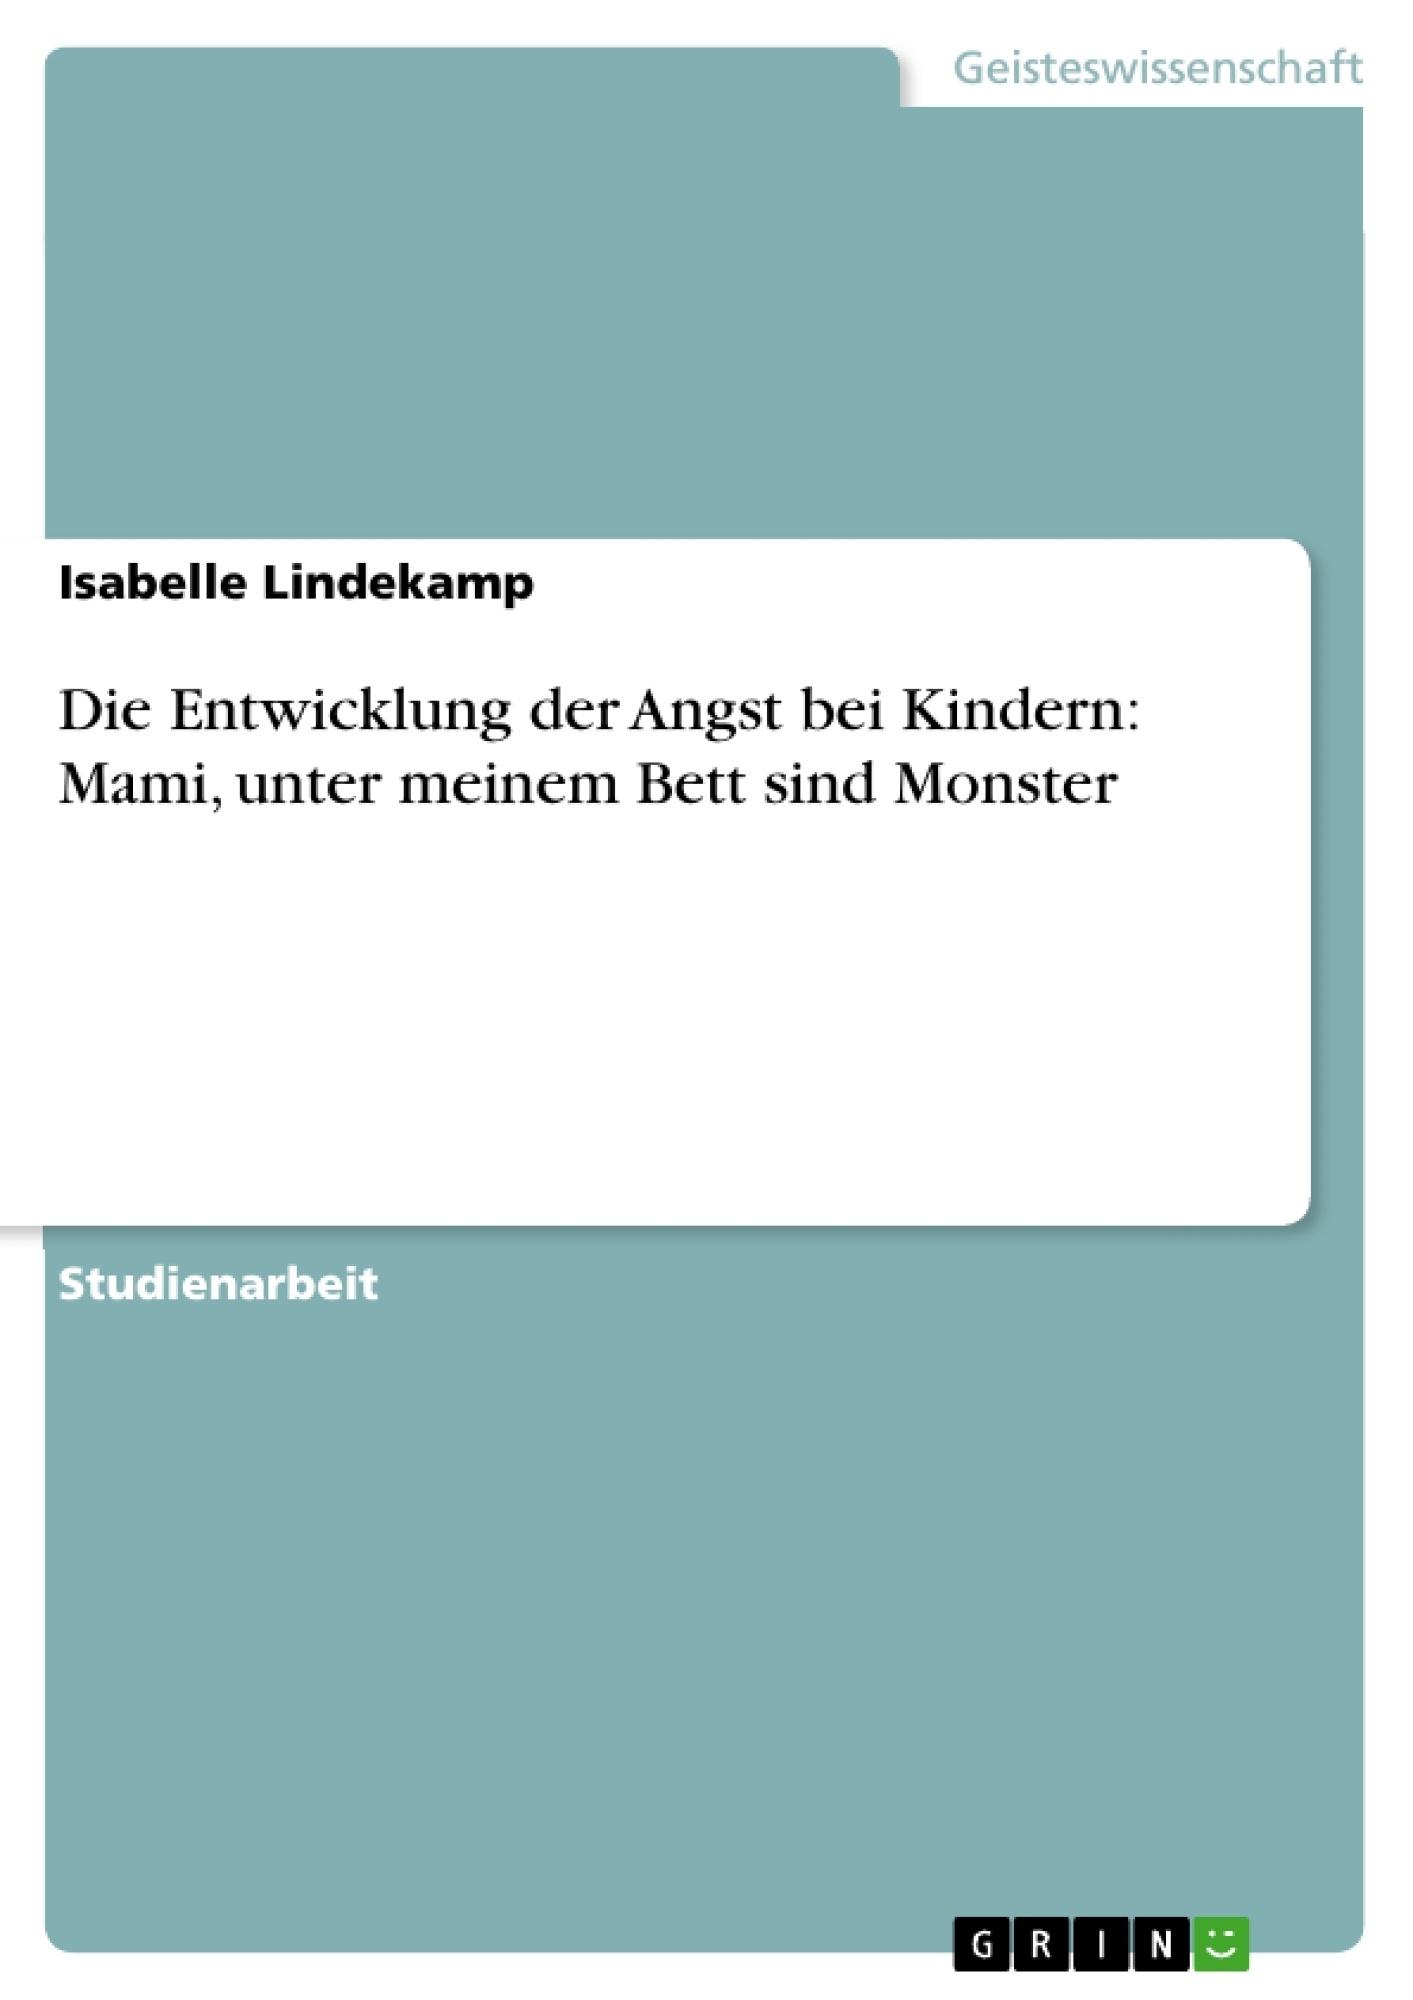 Titel: Die Entwicklung der Angst bei Kindern: Mami, unter meinem Bett sind Monster